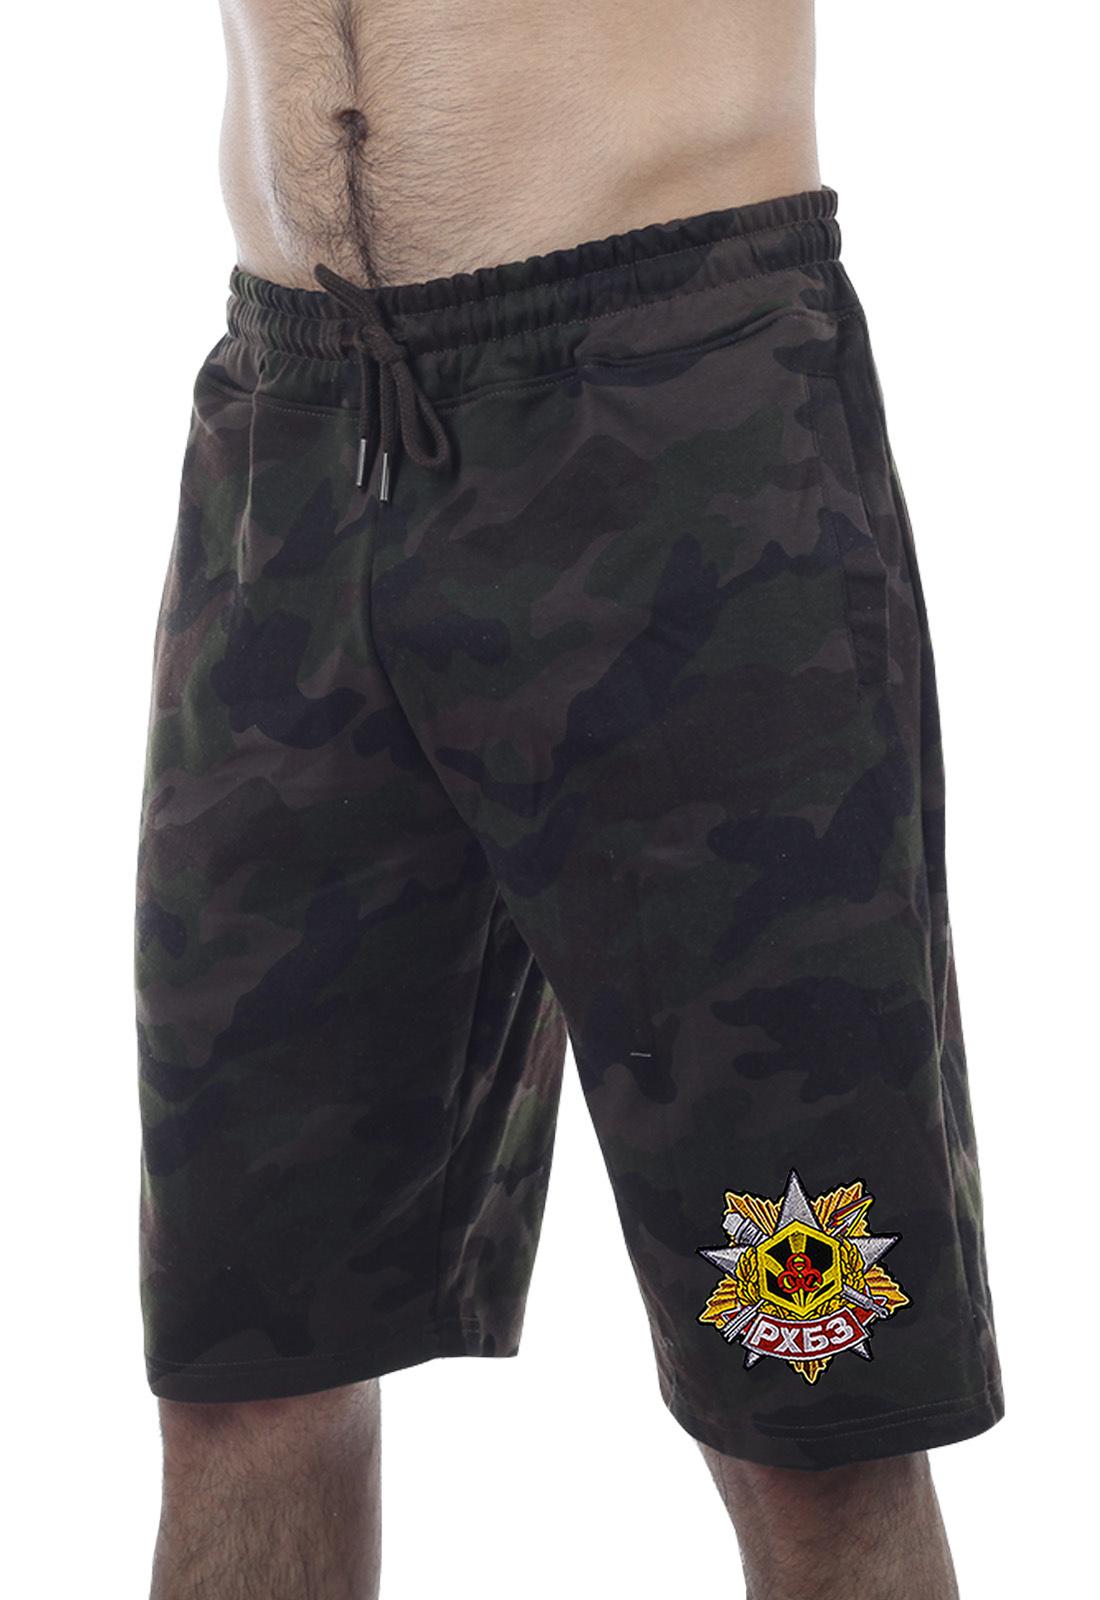 Купить стильные армейские шорты с нашивкой РХБЗ в подарок любимому